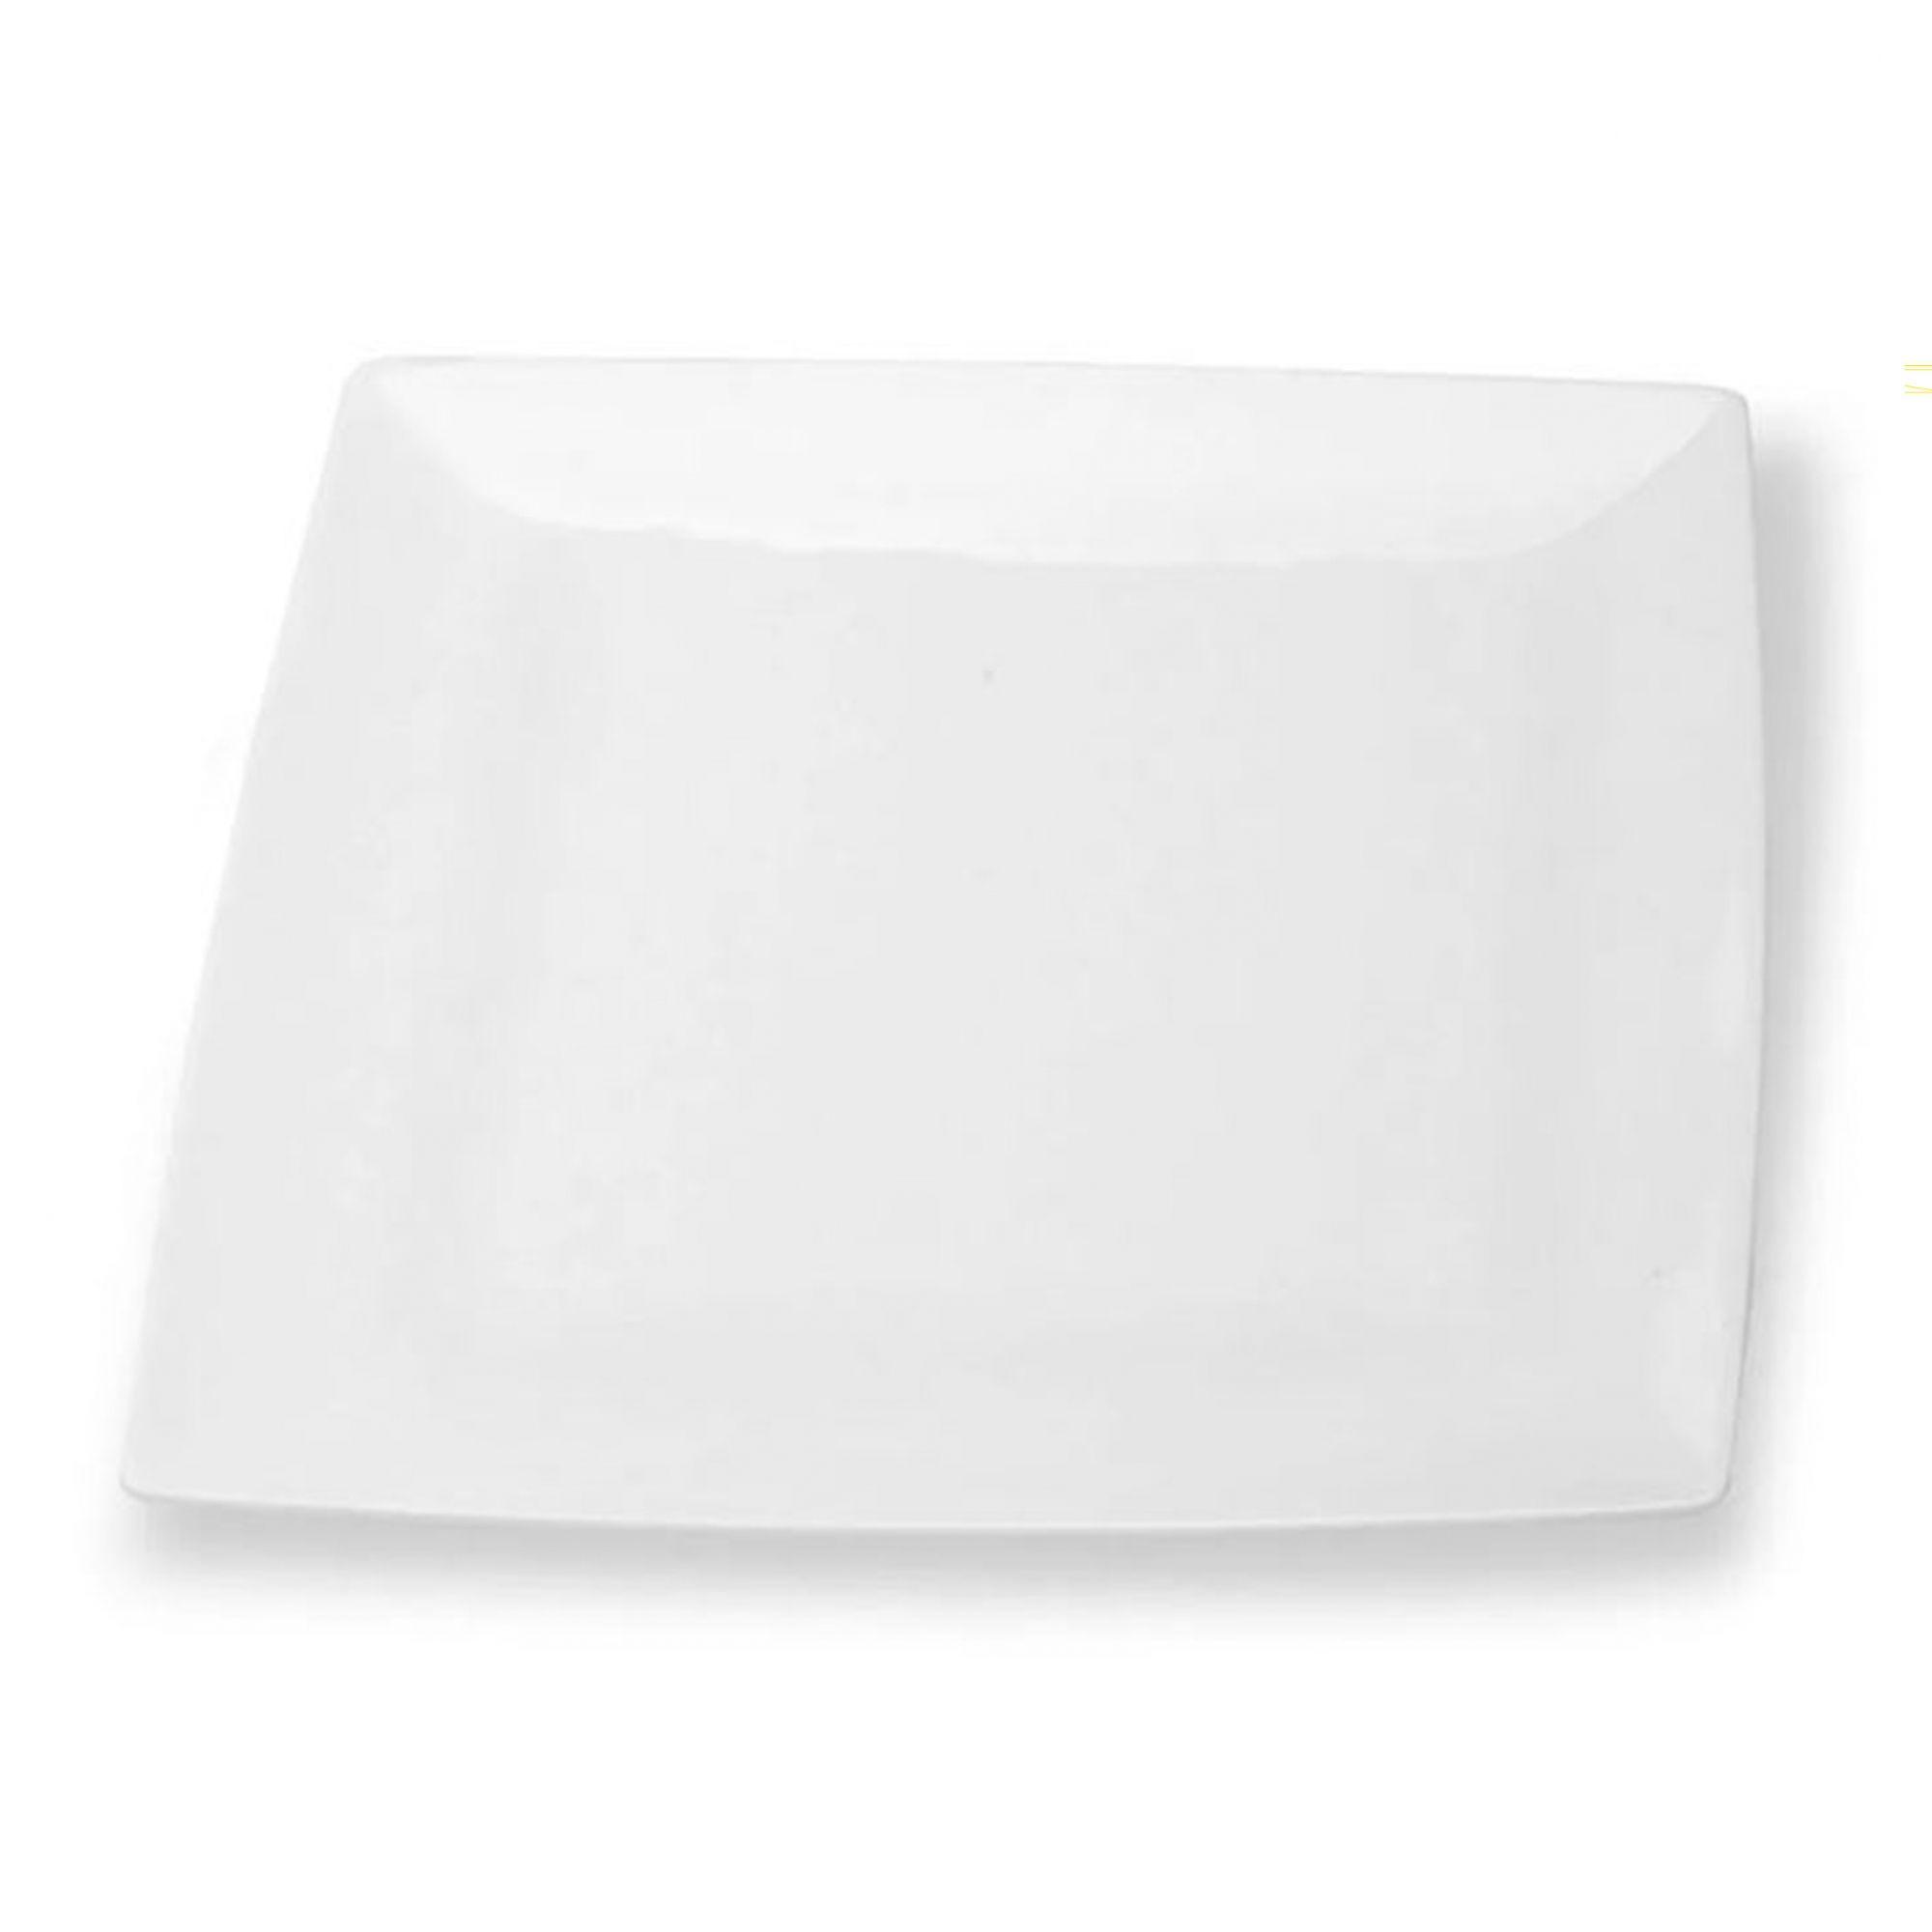 Prato Quadrado Especial Branco Melamina 25 x 25 Cm